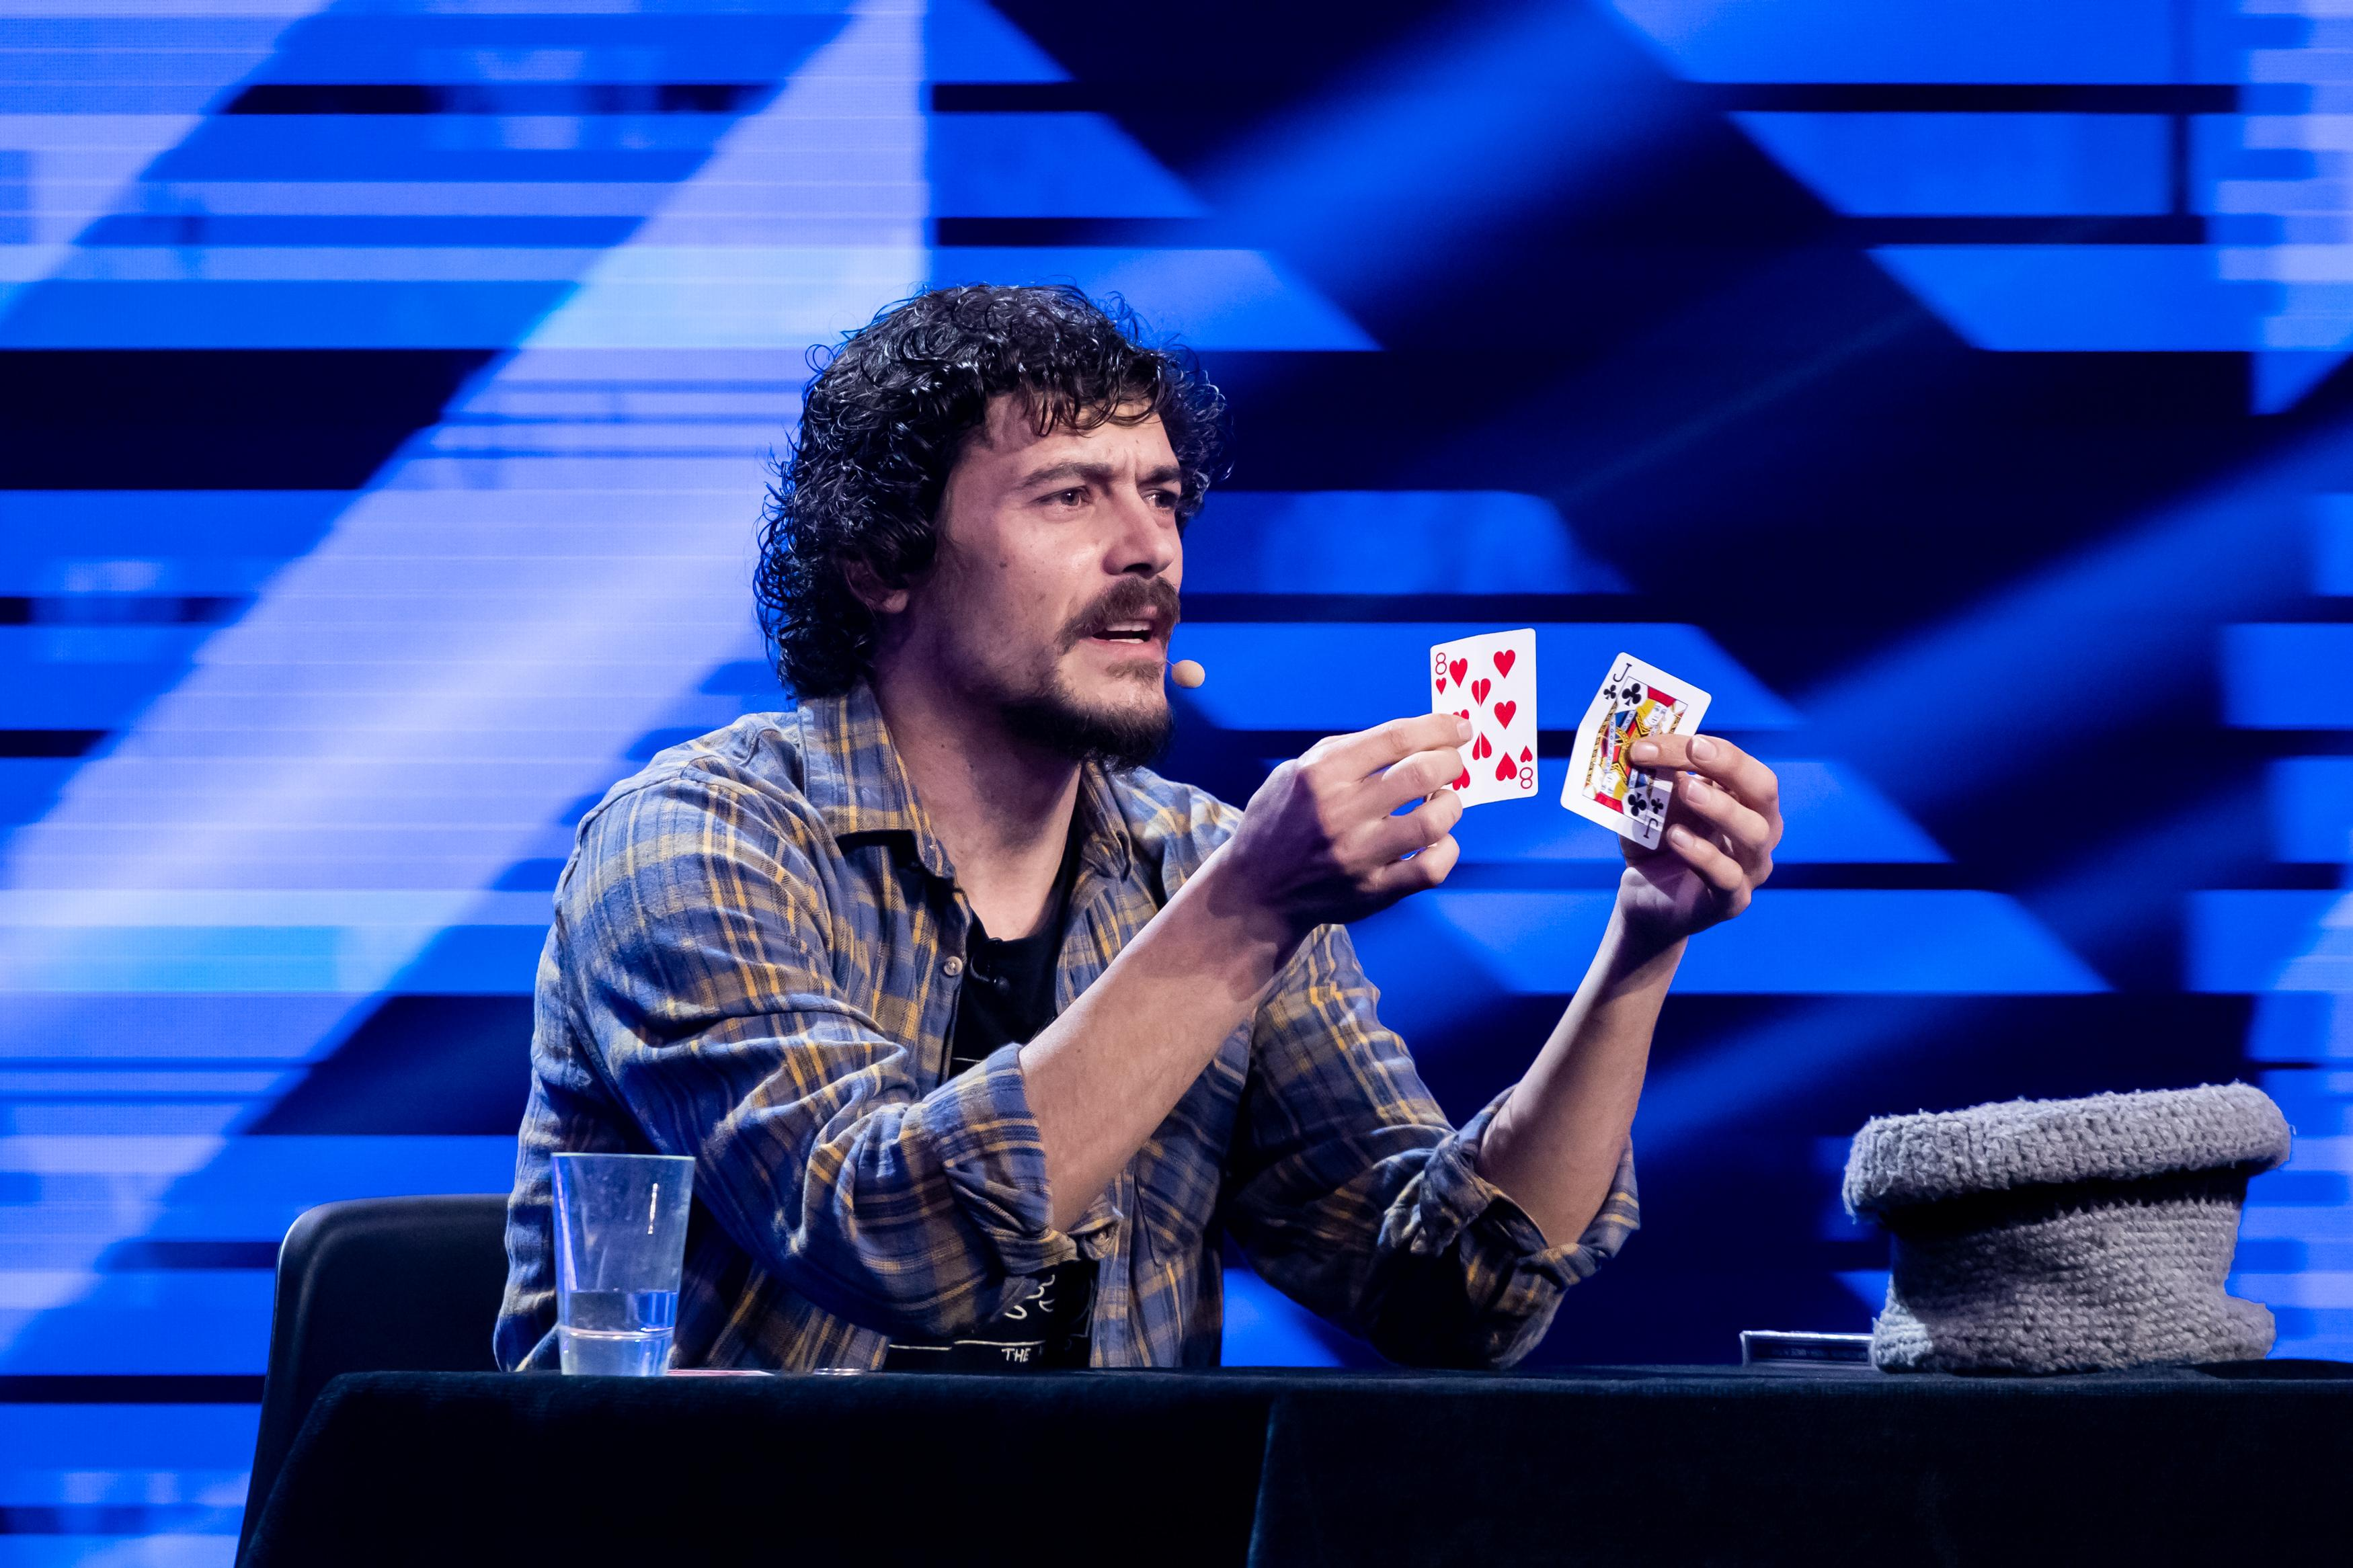 iUmor, 17 martie 2021. Mario Lopez, magicianul care a venit să fure mințile tuturor, e plăcerea vinovată a Deliei